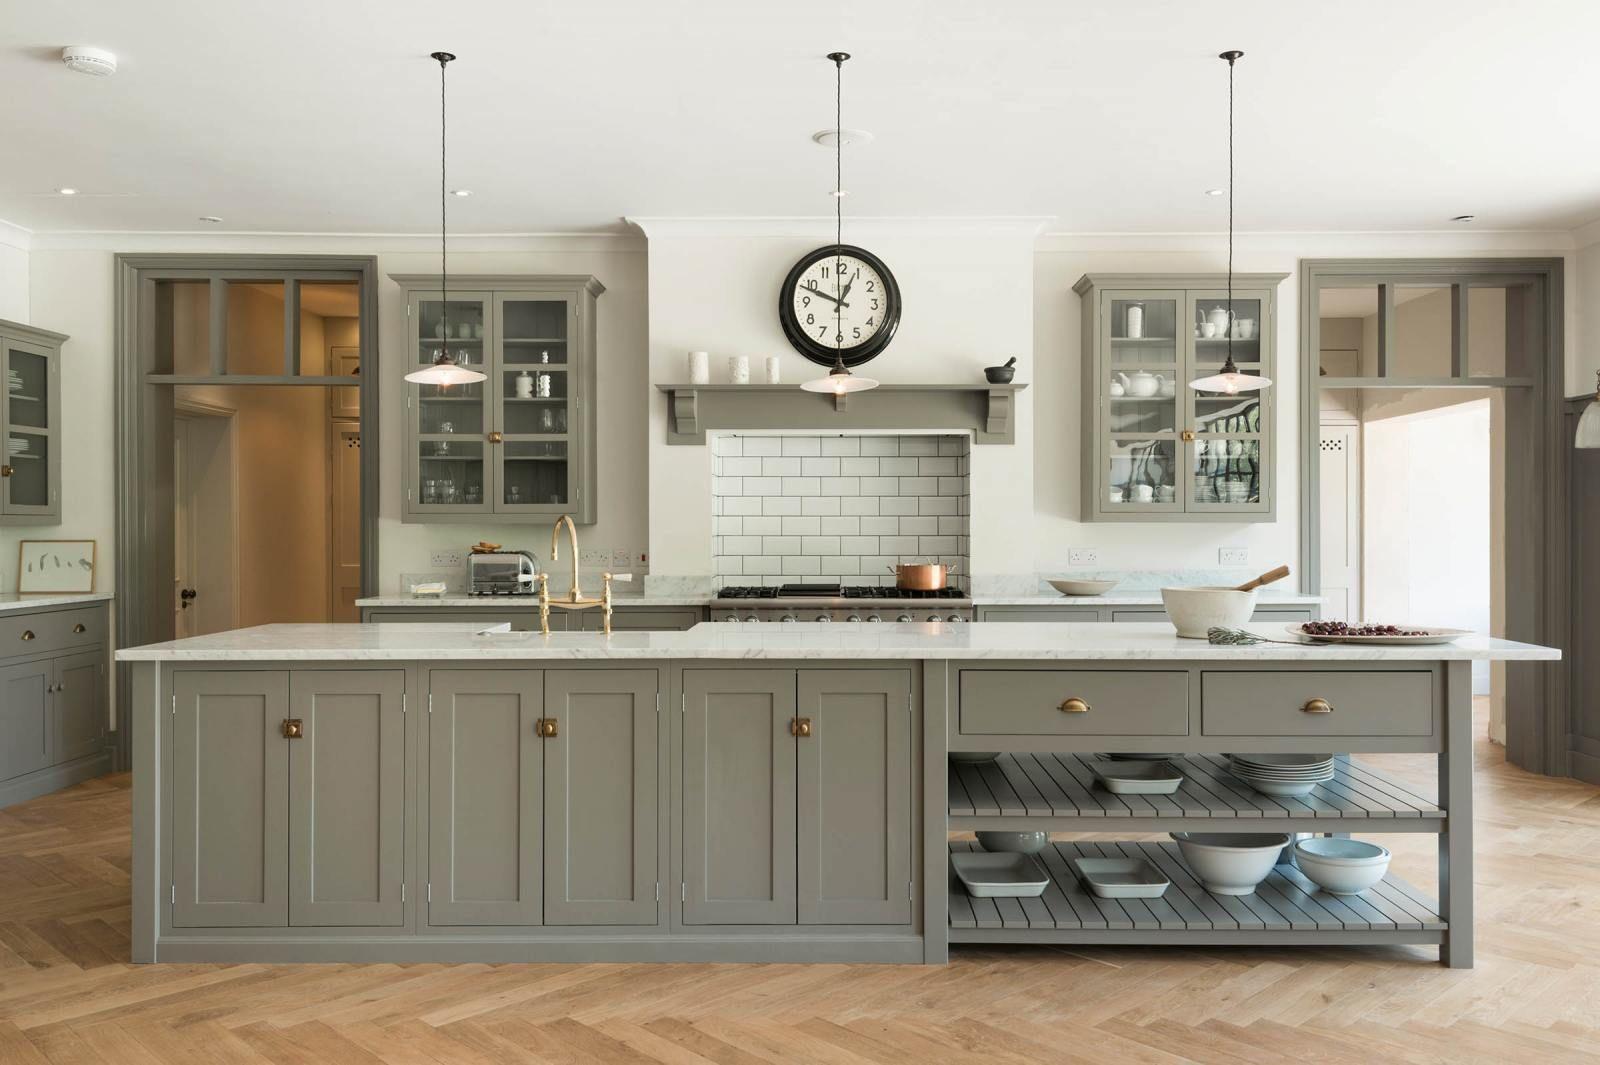 The Queens Park Kitchen Devol Kitchens Shaker Kitchen